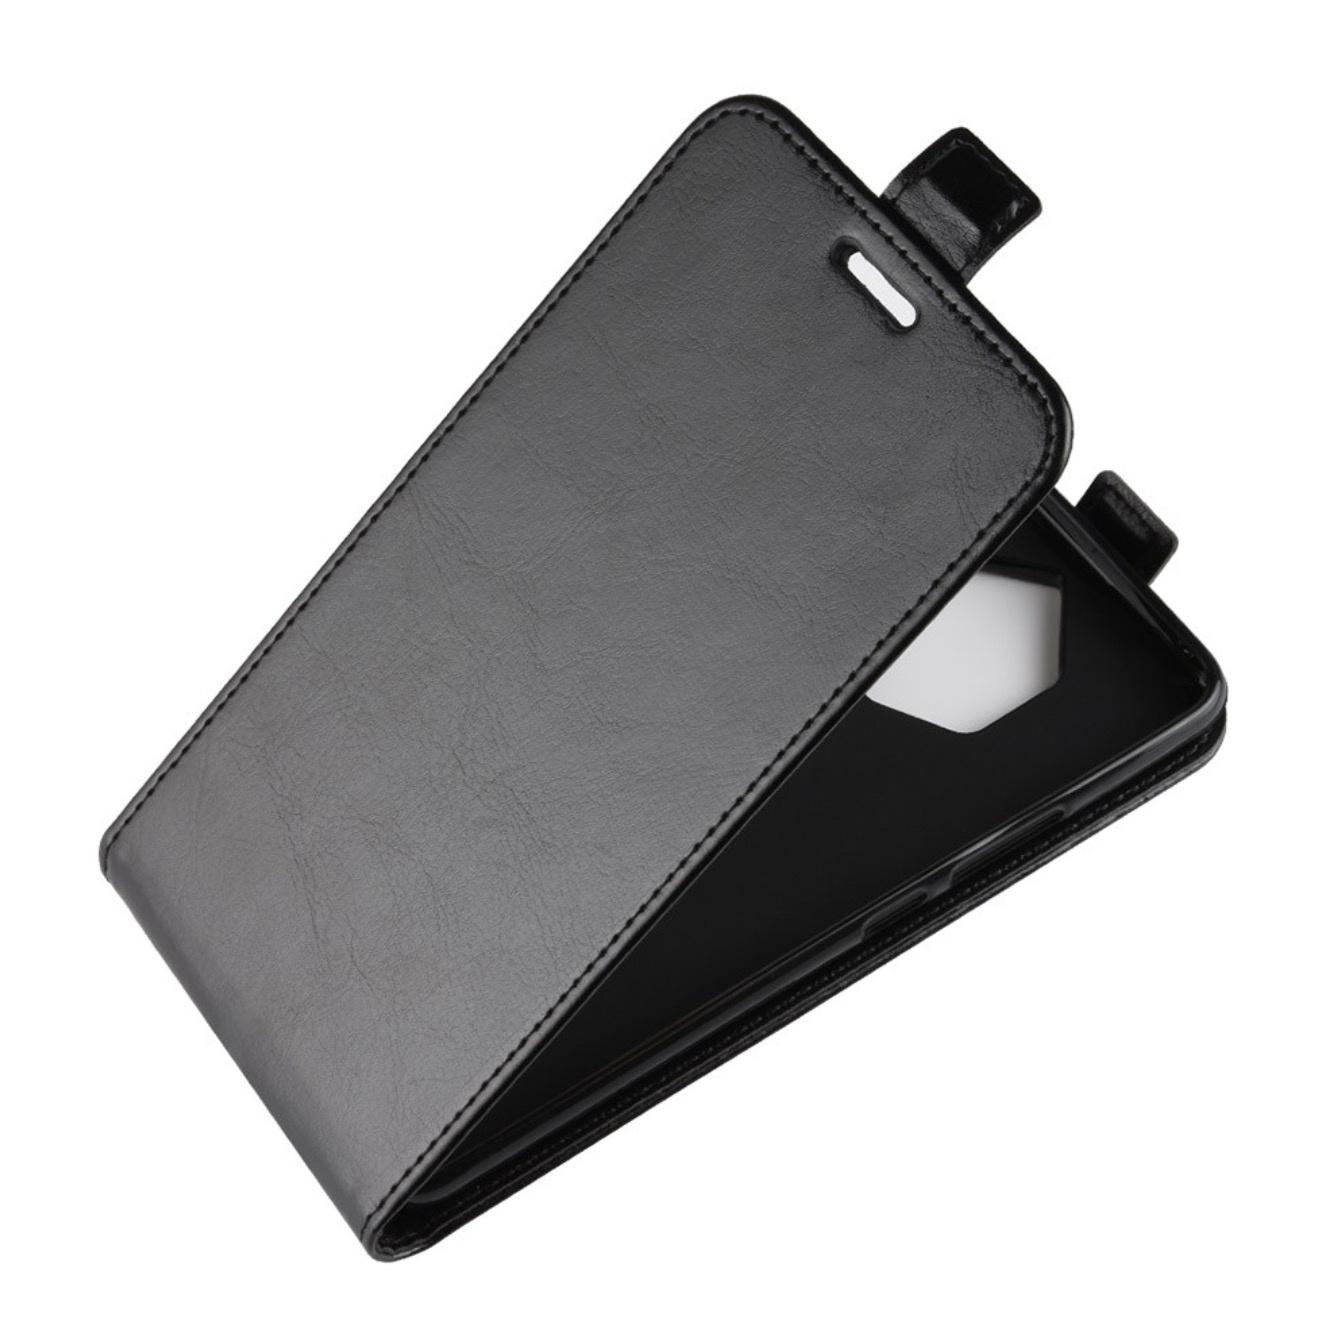 Чехол-флип MyPads для Nokia Lumia 630 Dual sim вертикальный откидной черный стоимость